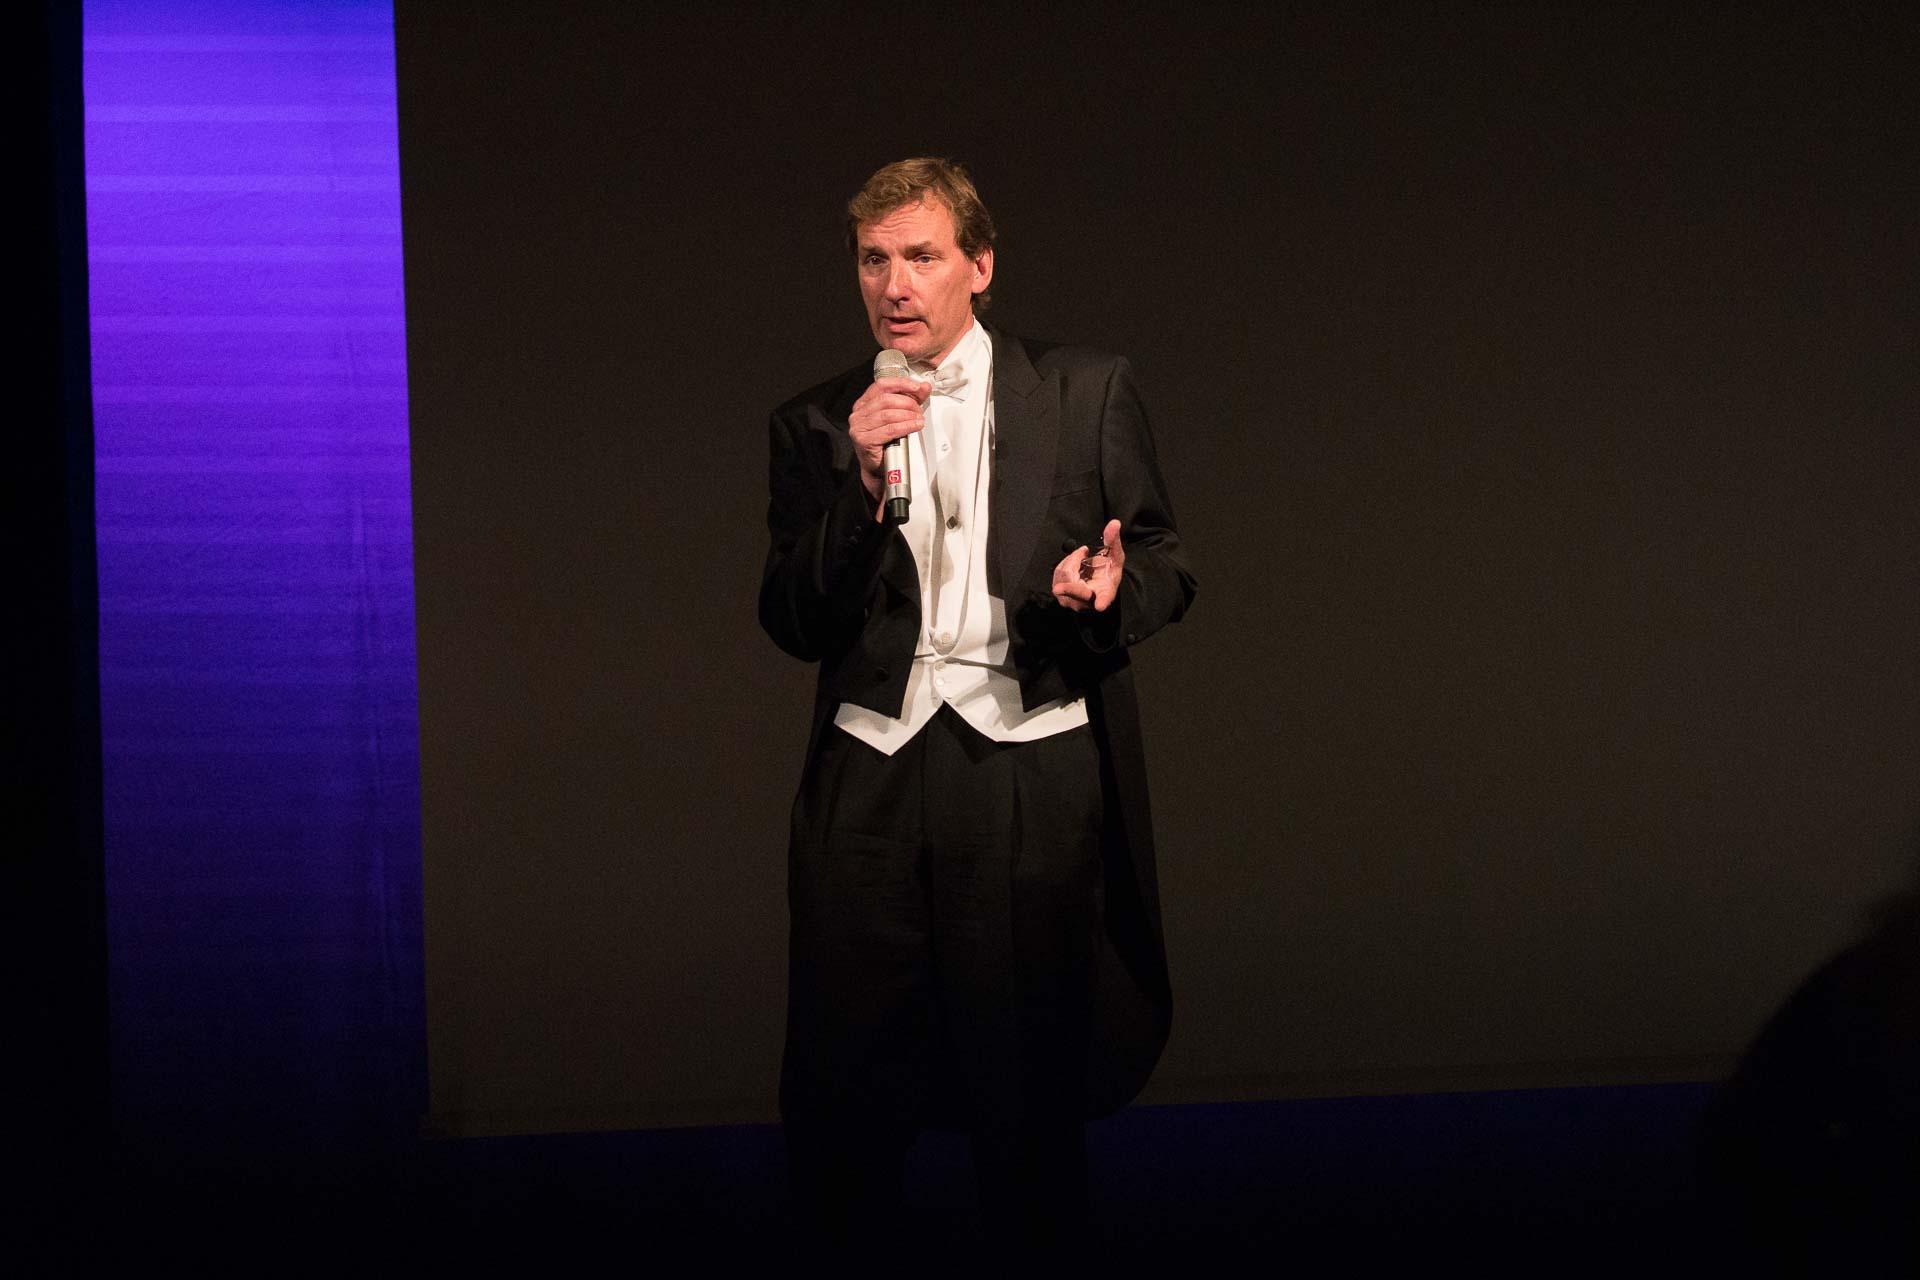 Erik Risberg, pianist i symfonikerna presenterar kvällens konsert på ett väldigt inspirerande sätt.